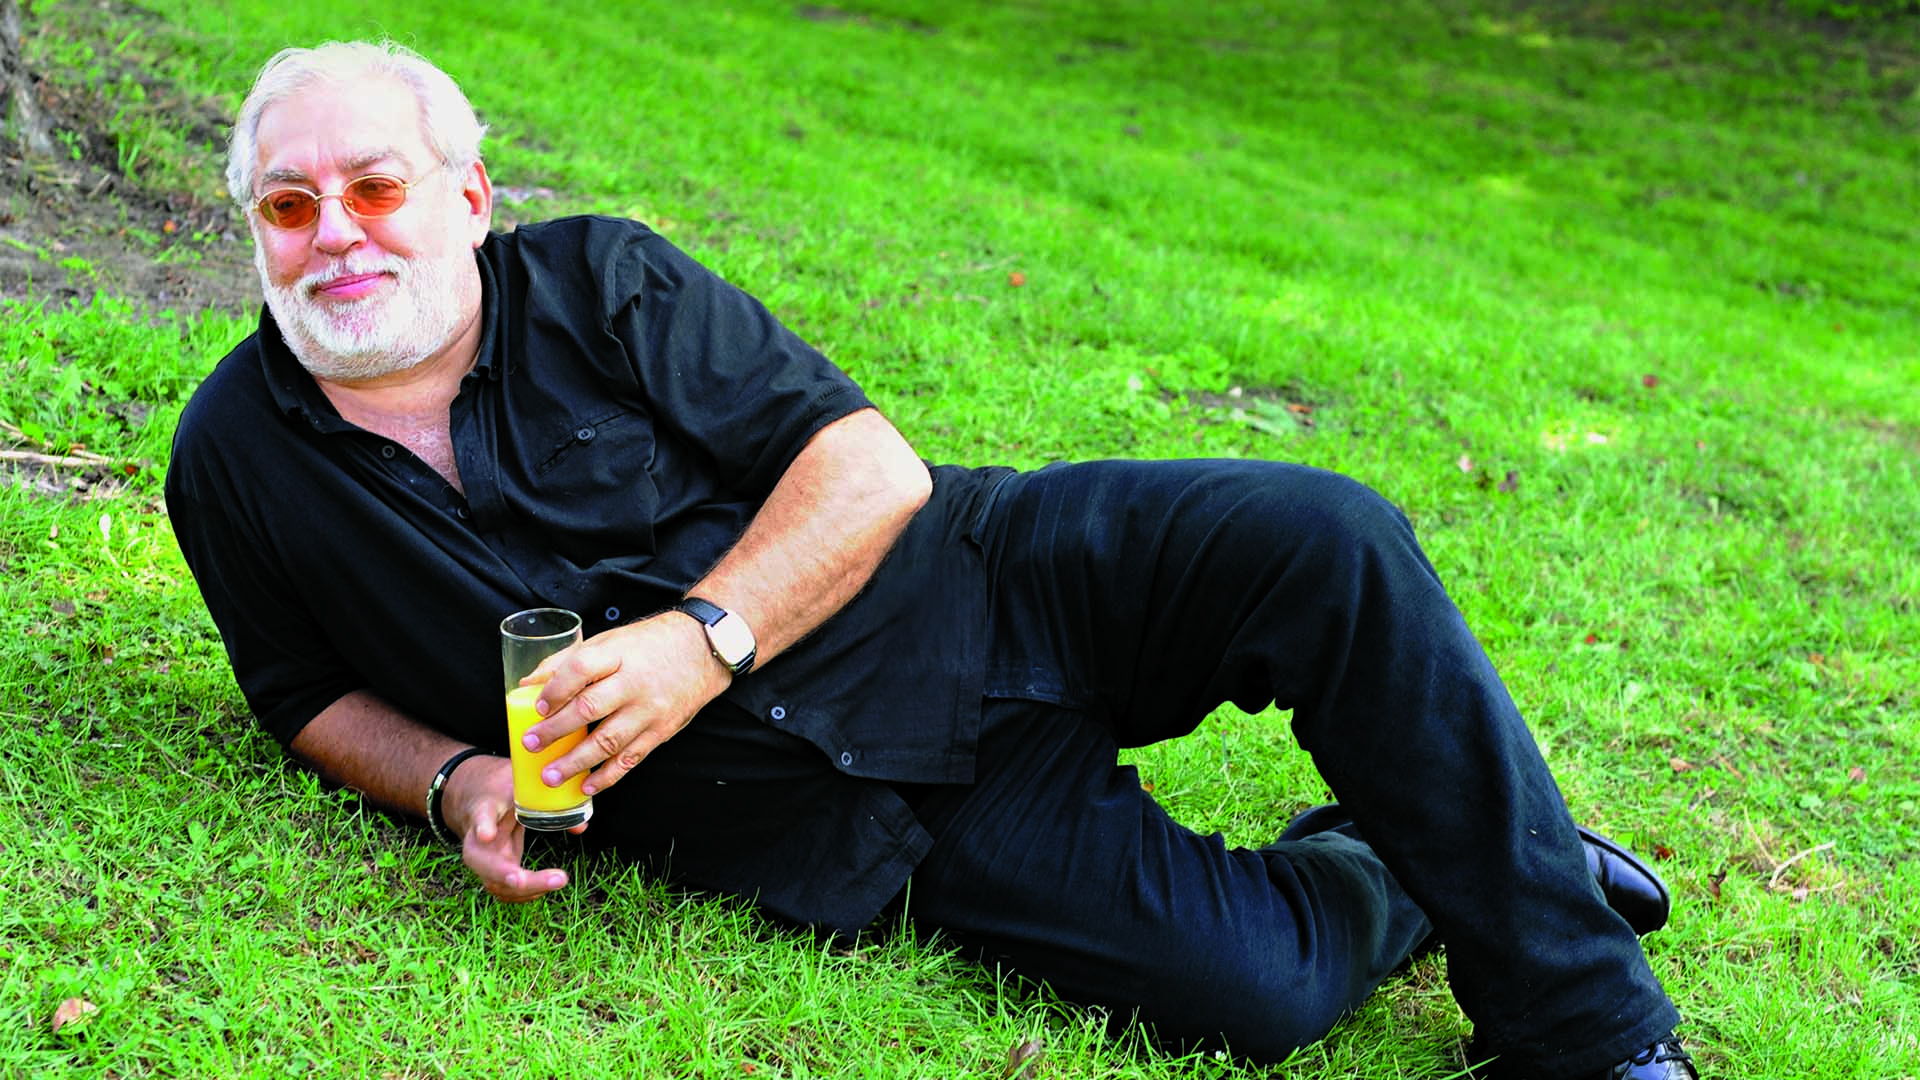 állandóság humor kánya kata könyvírás megbízhatóság művész páhy anna színházigazgató verebes istván vidéki élet